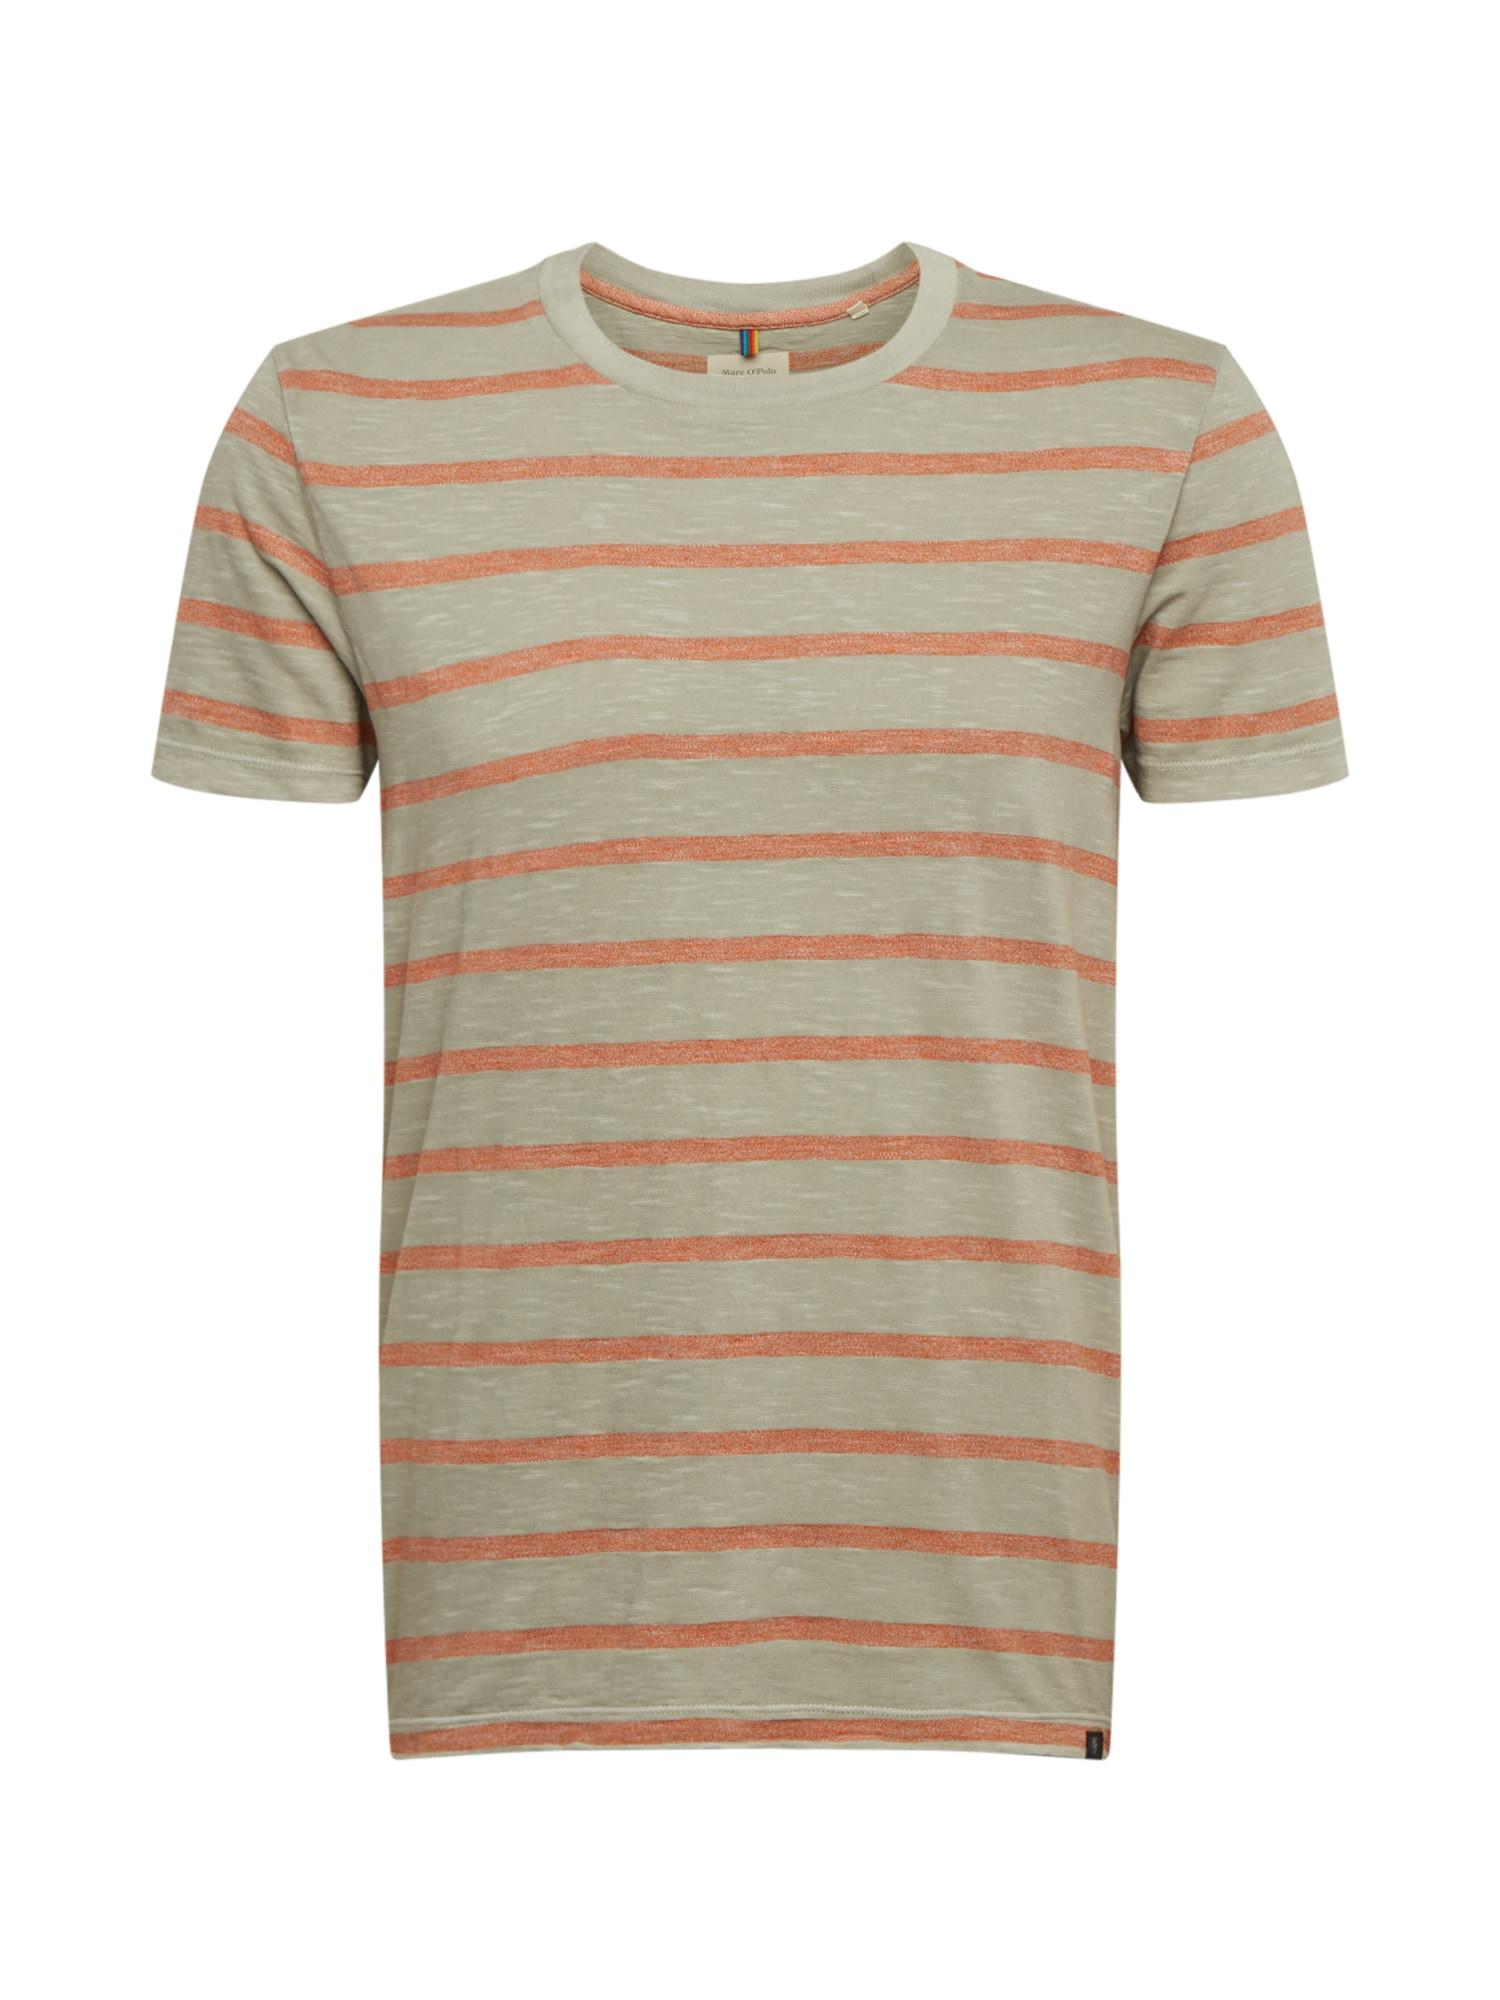 Marc O'Polo Marškinėliai 'Organic' pilka / oranžinė